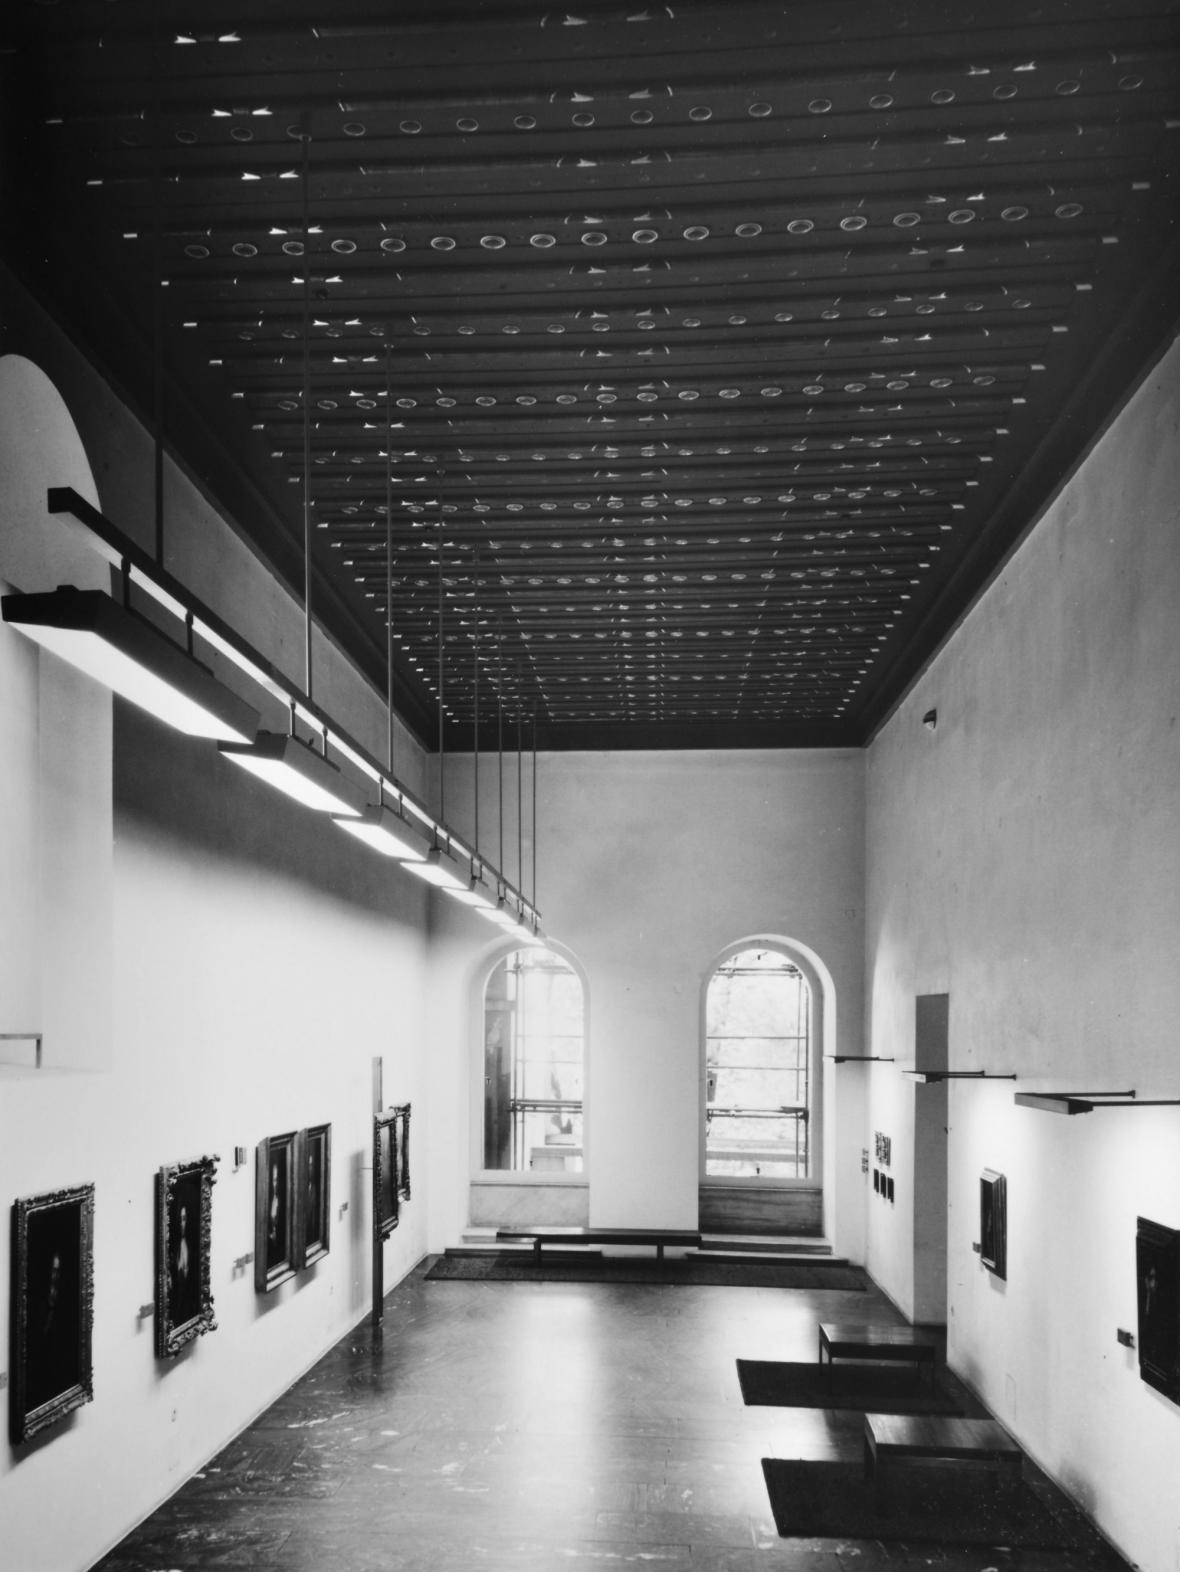 Expozice starého českého umění v klášteře sv. Jiří na Hradě